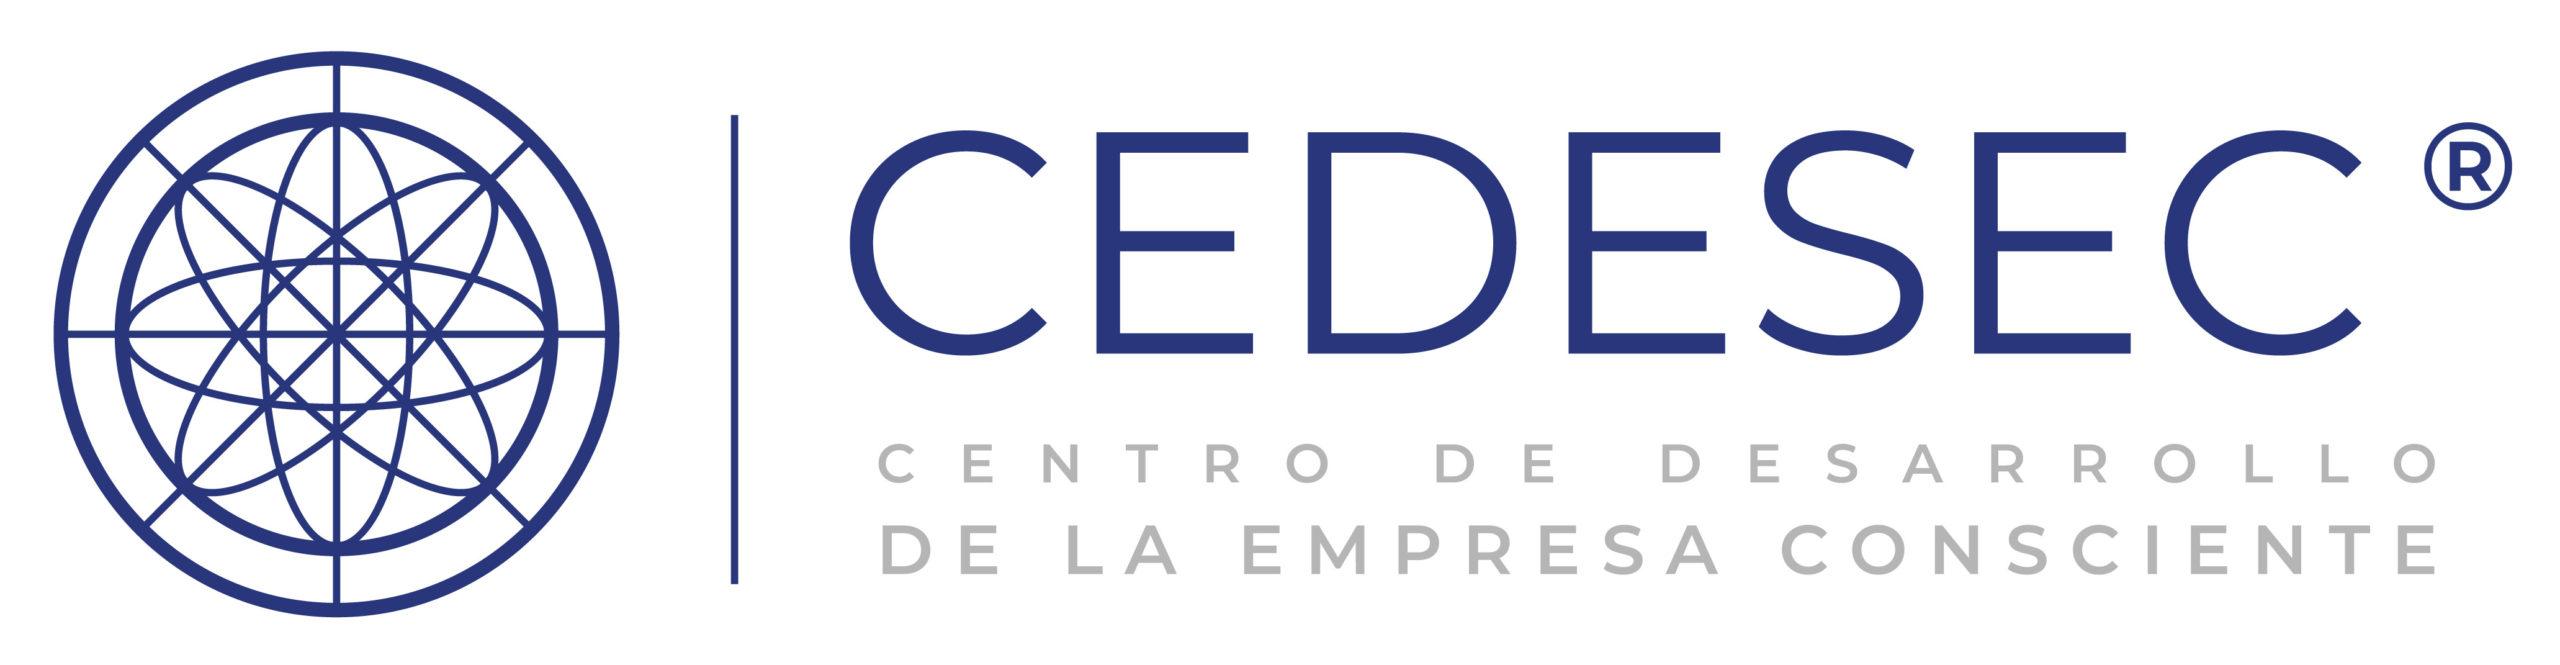 cedesec-logo-vf (1)